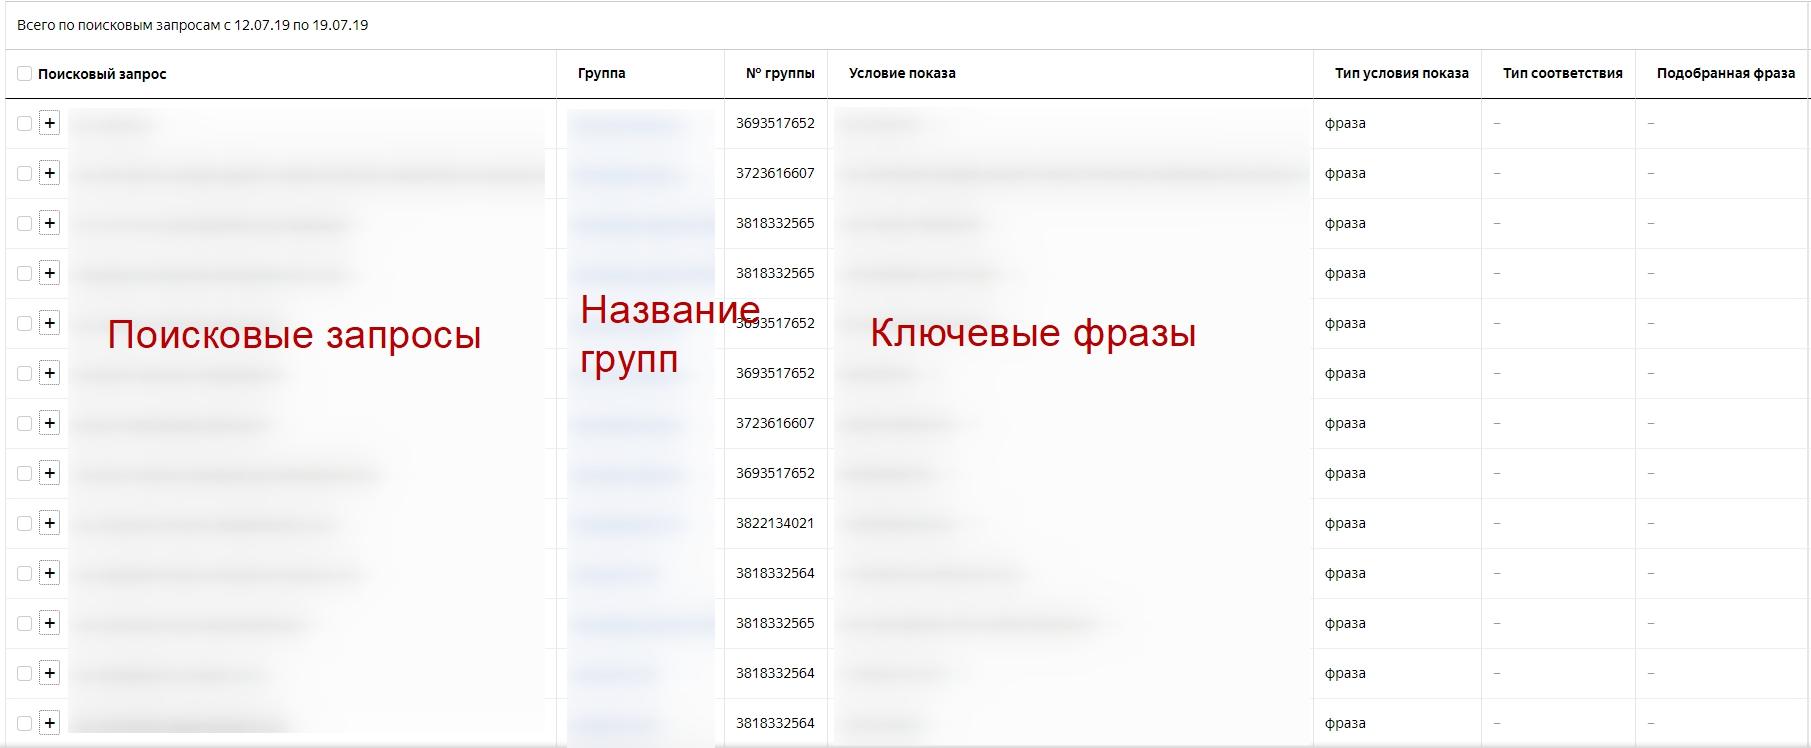 Отчет по поисковым запросам